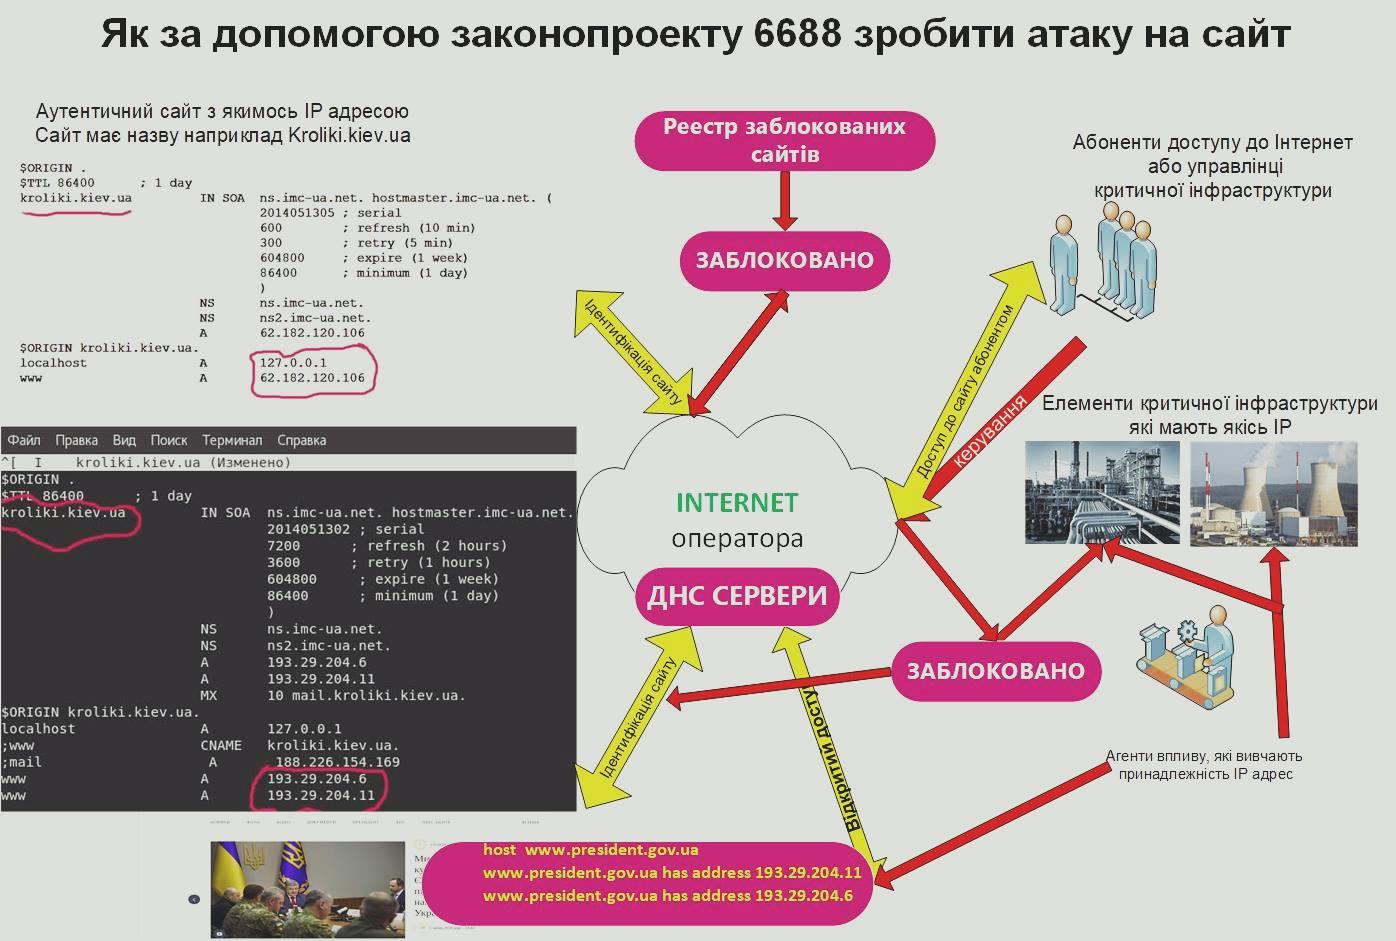 Специалисты по кибербезопасности утверждают, что блокировка сайта делают Интернет более уязвимым (источник: Александр Федиенко, ИНАУ)